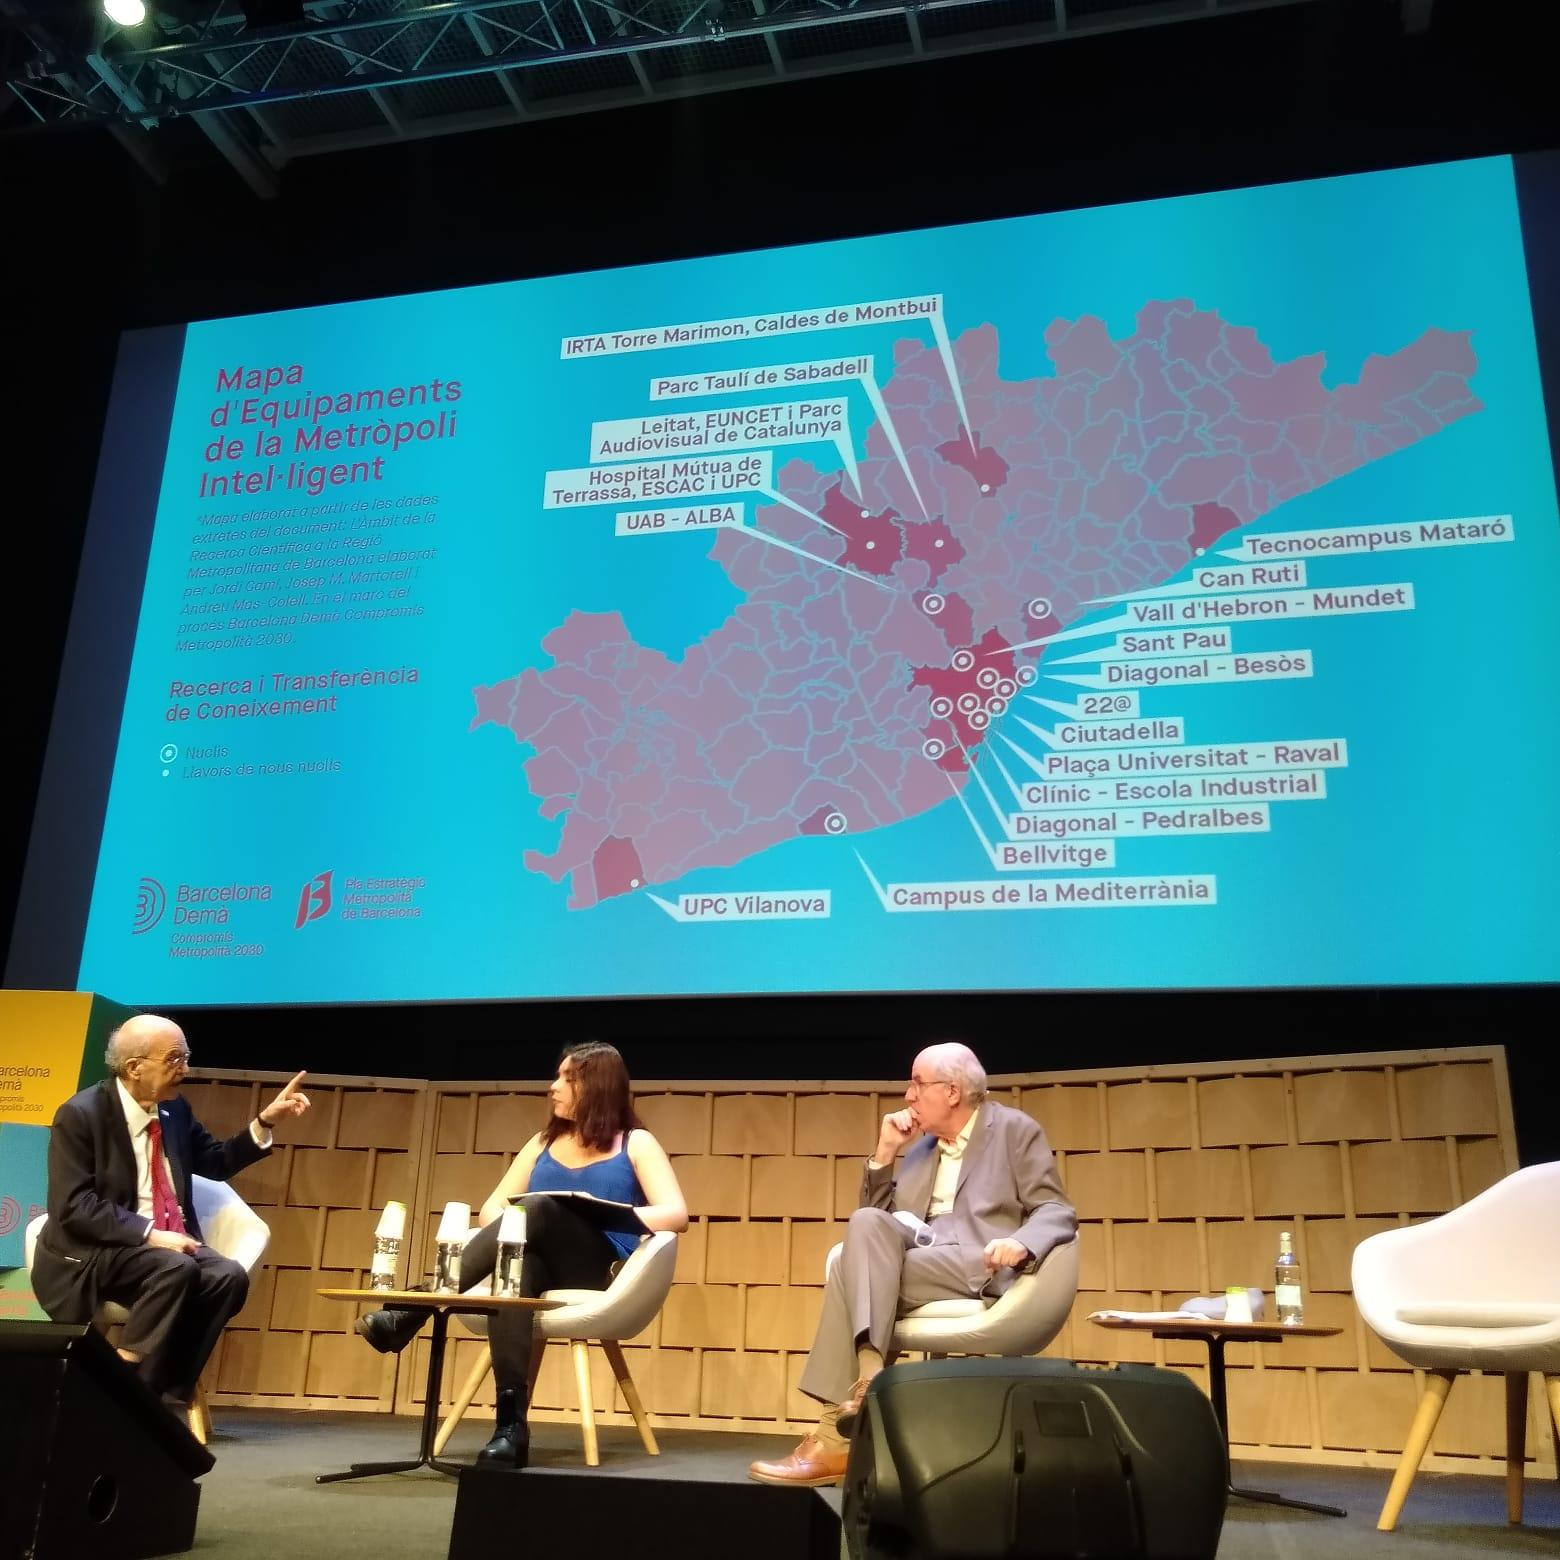 Jordi Camí, Andreu Mas-Colell i Valentina Raffio durant la presentació del mapa d'equipaments de la Metròpoli Intel·ligent